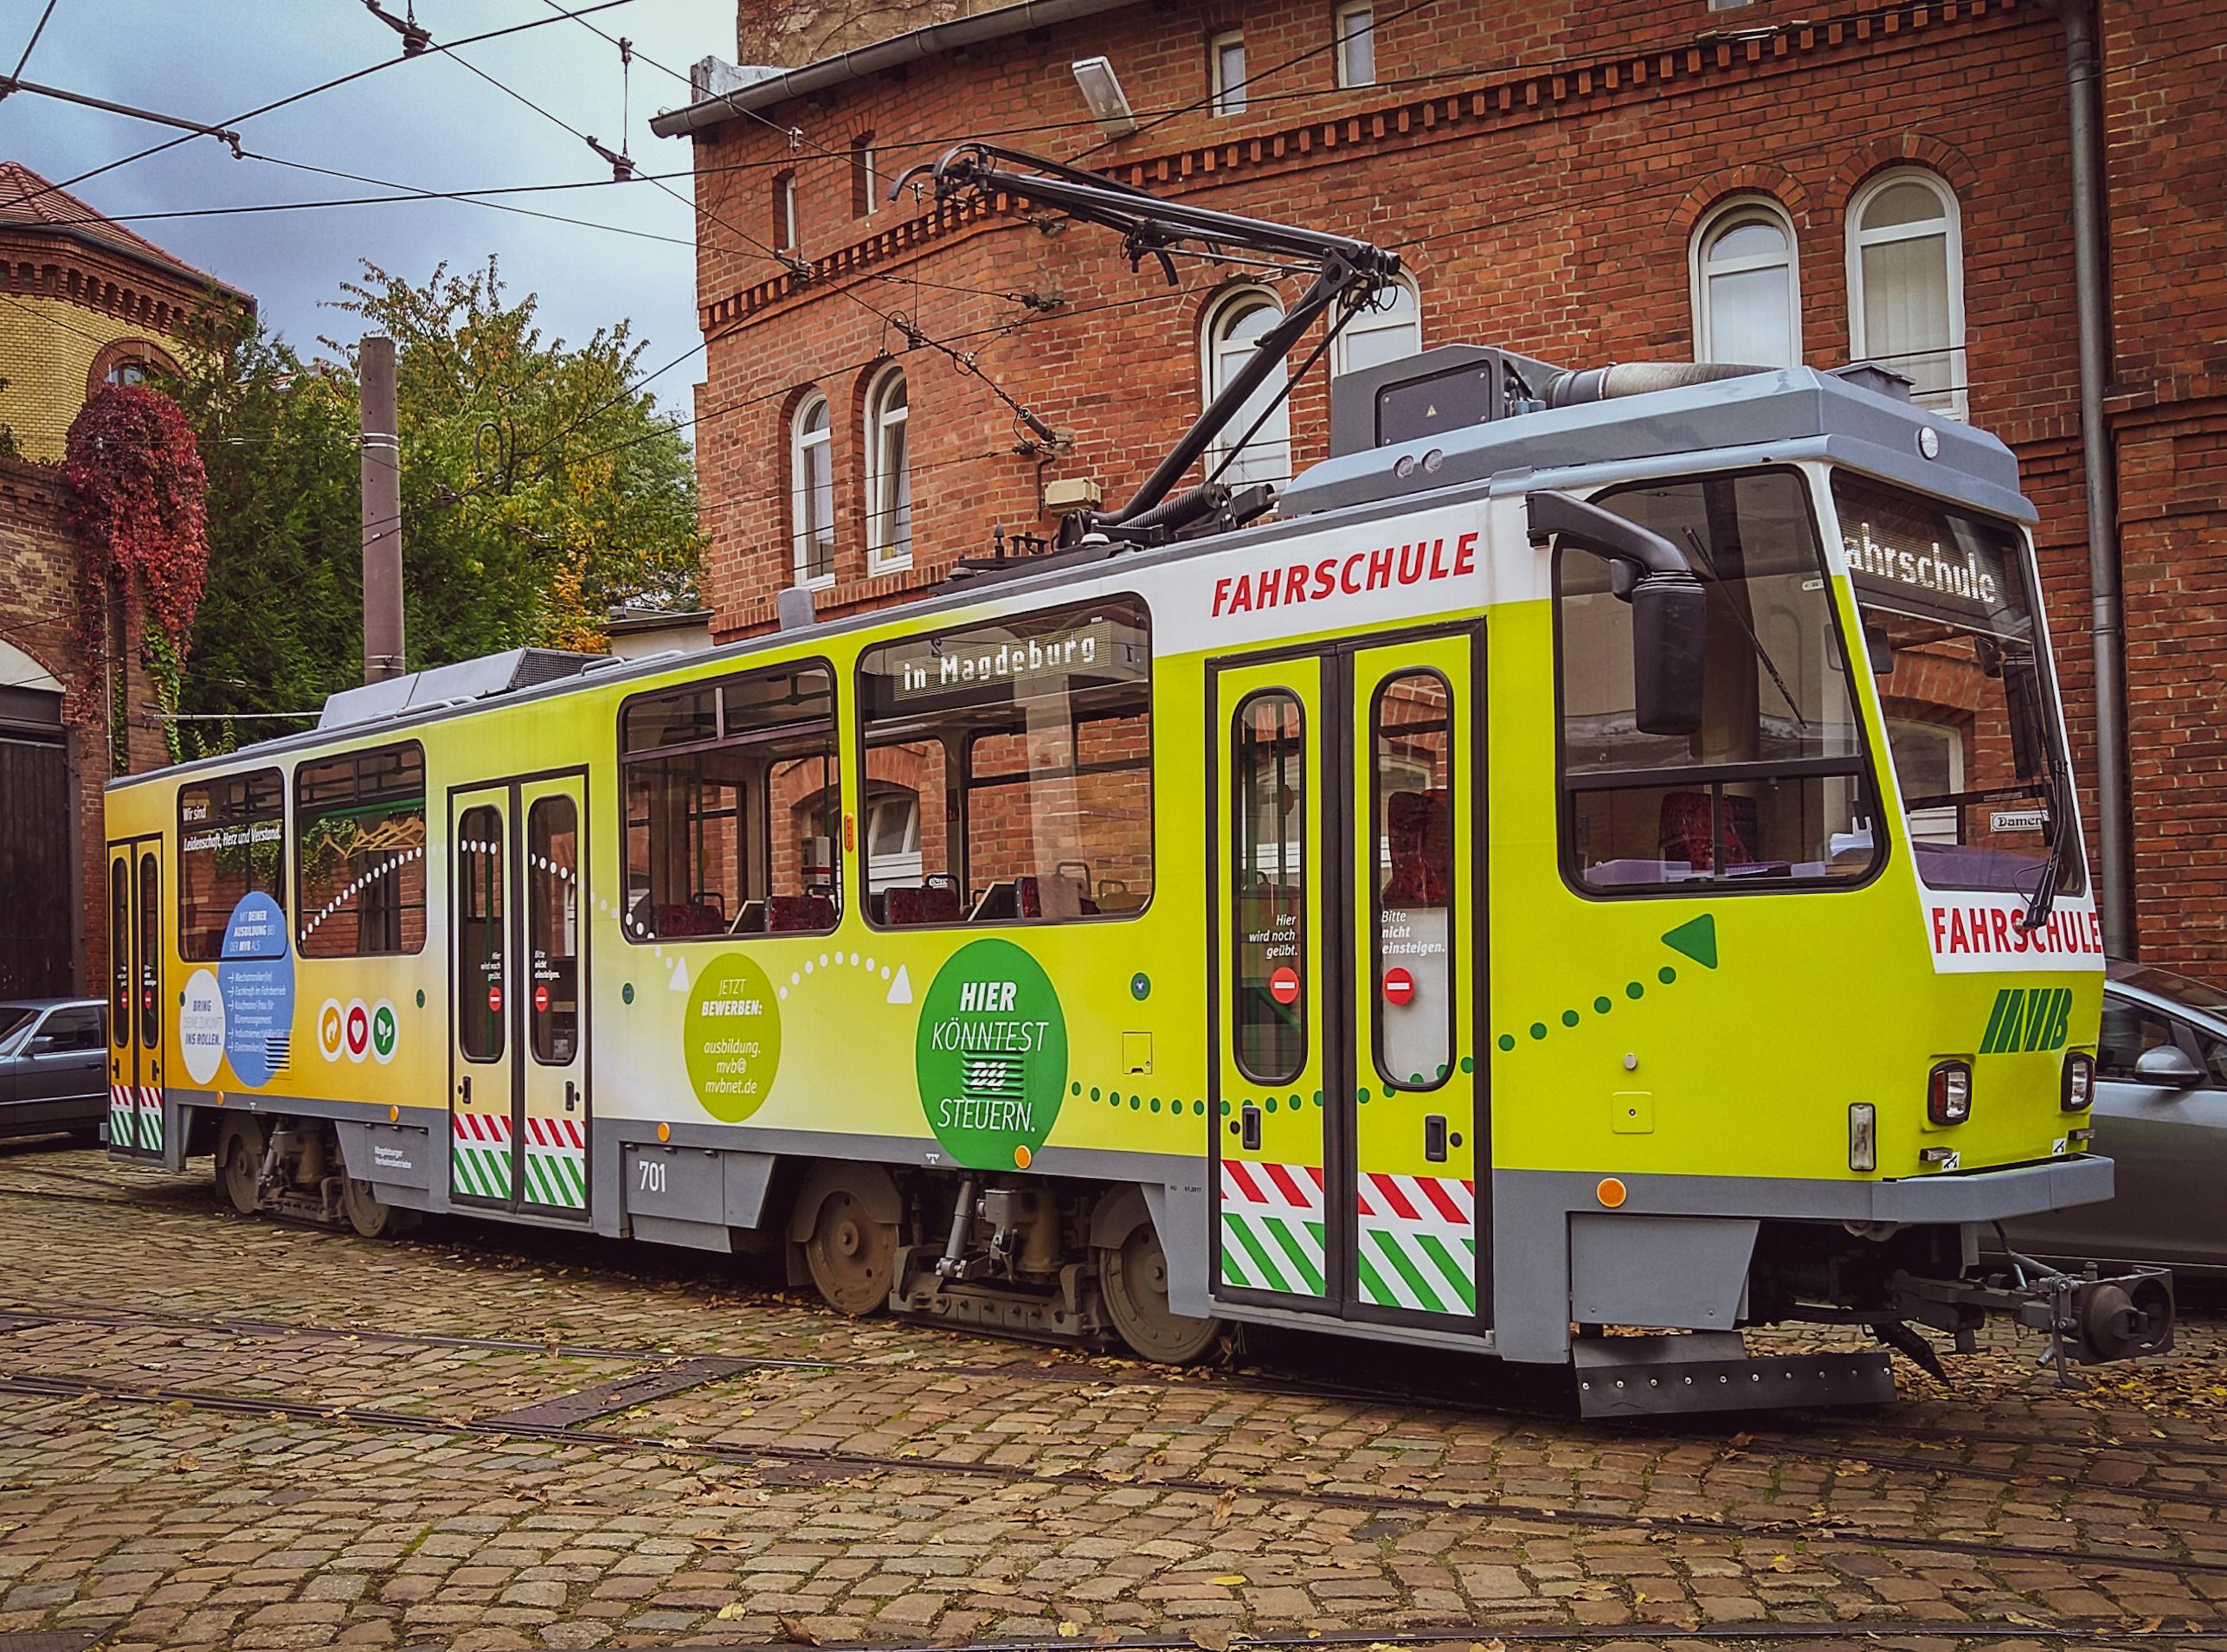 der MVB-Fahrschulwagen steht auf dem Betriebshof Sudenburg